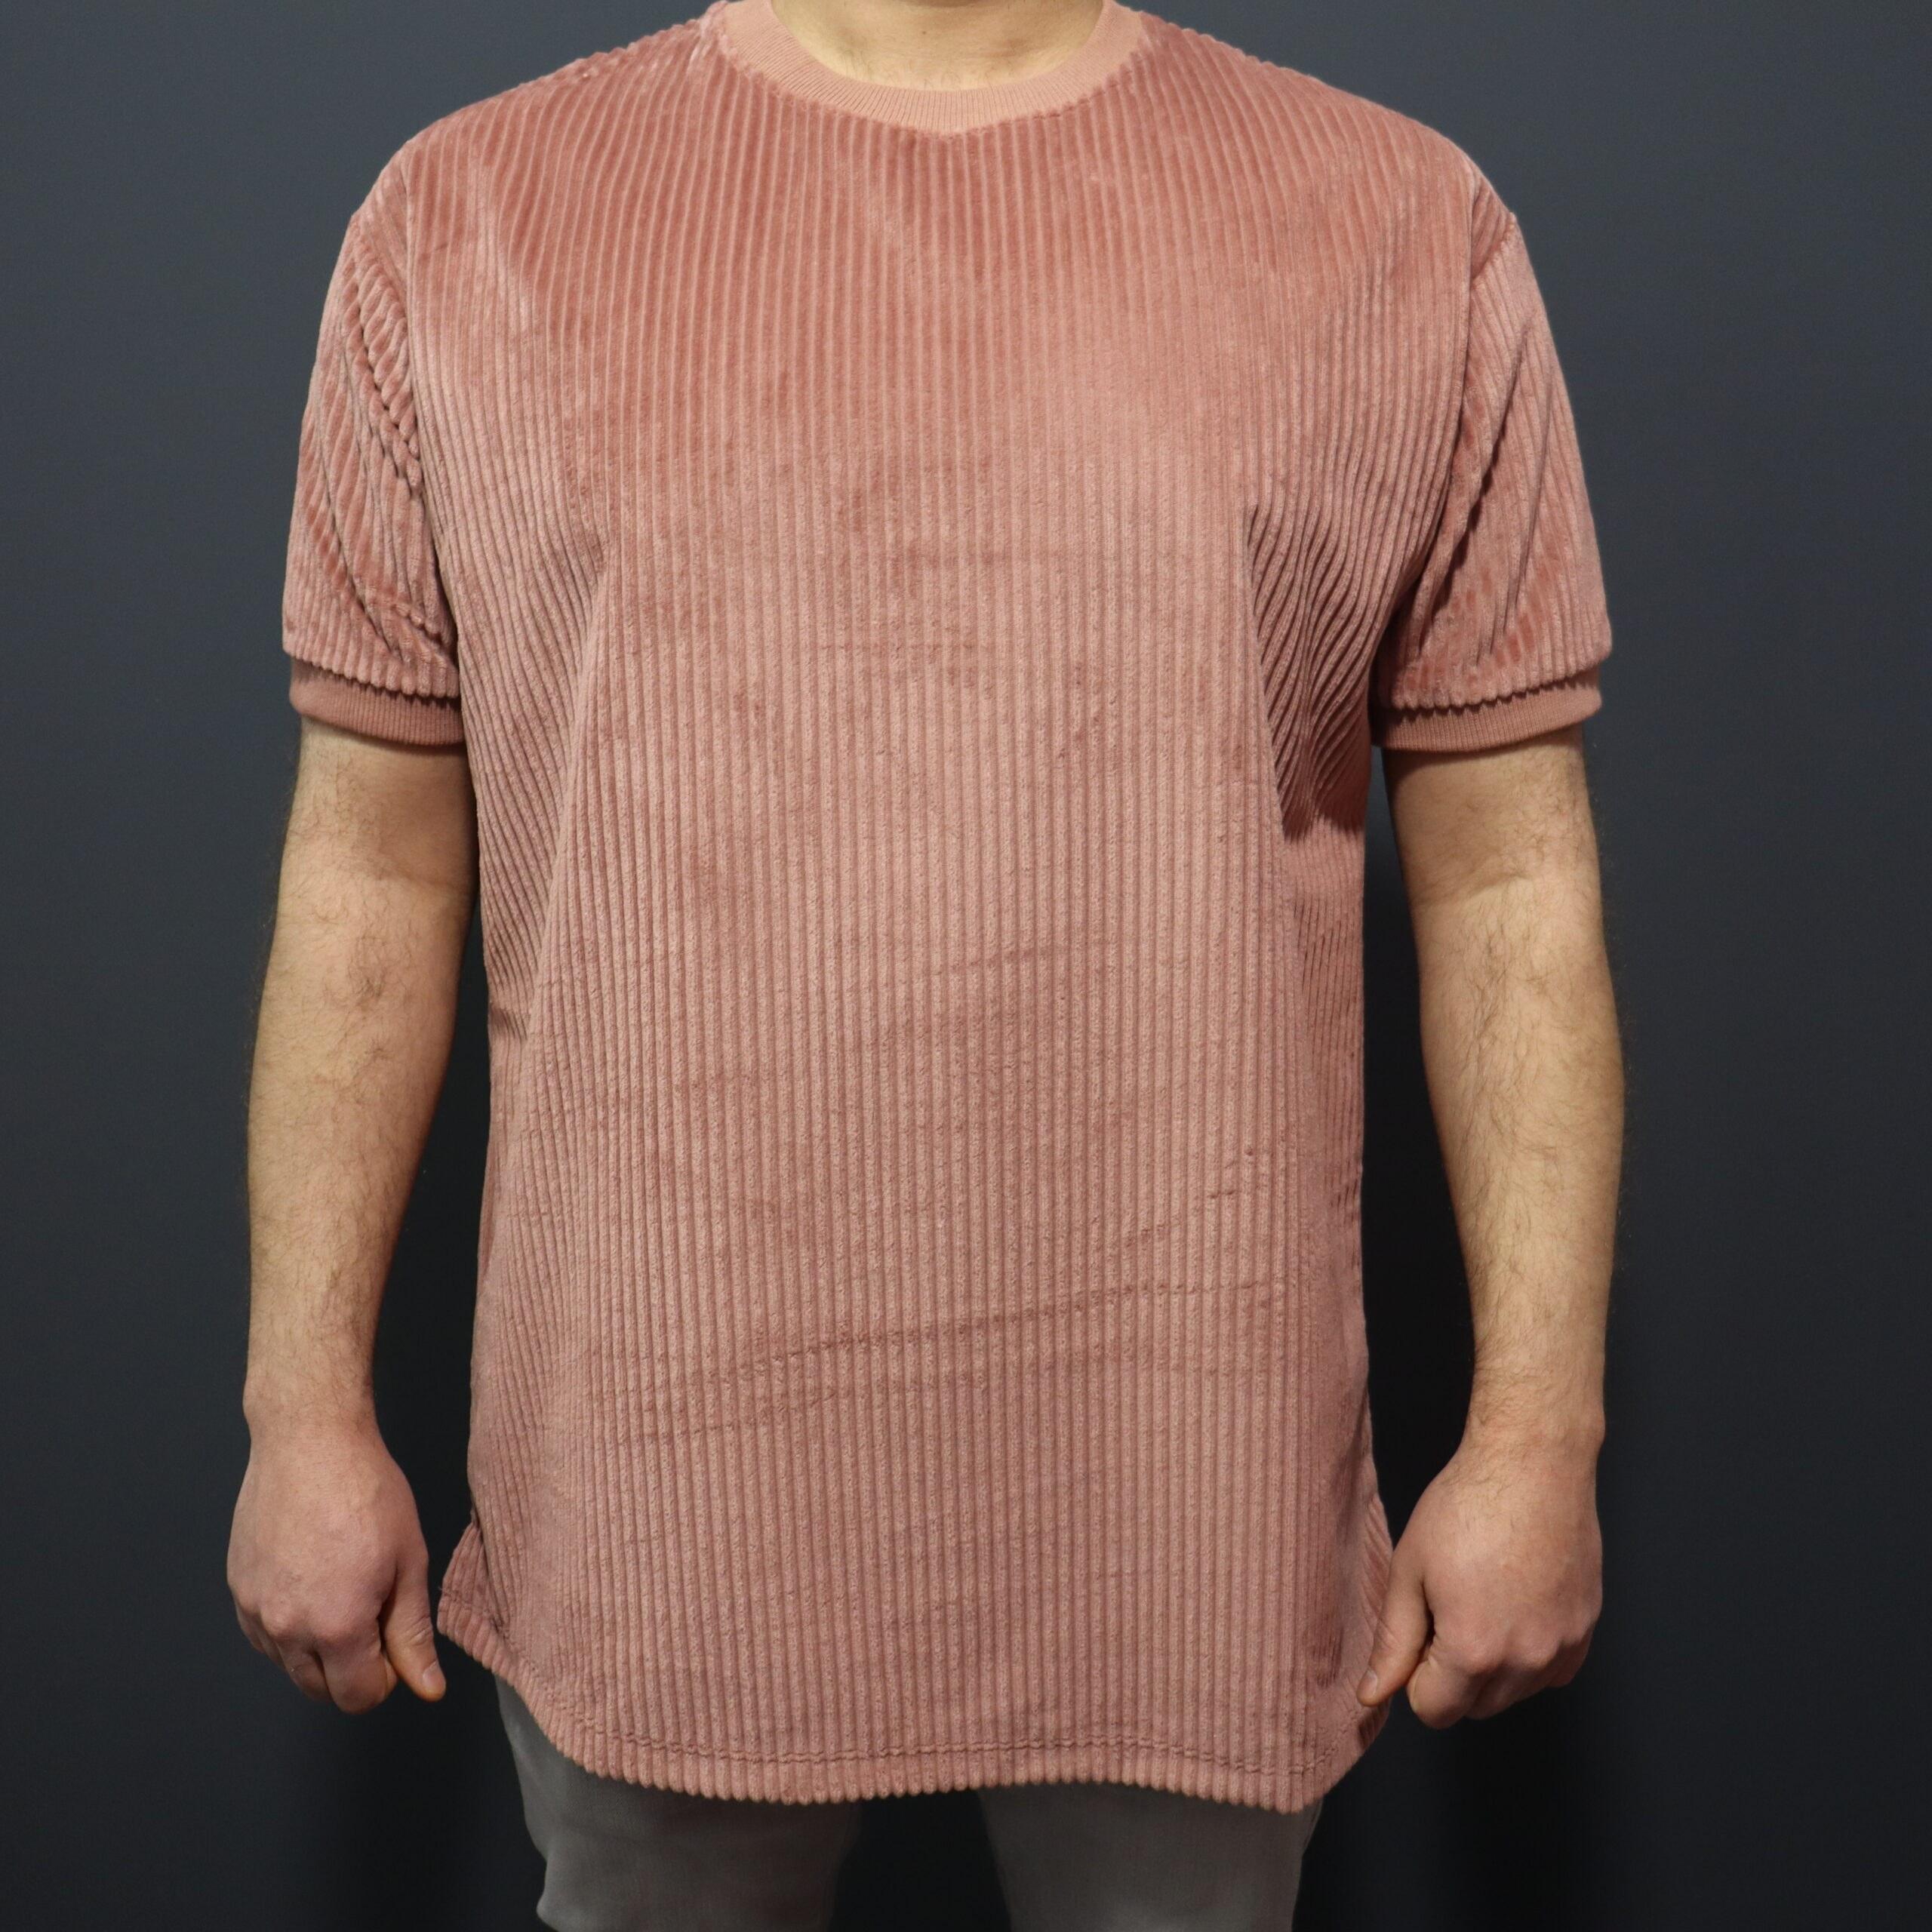 تصویر تیشرت مردانه مخمل کبریتی